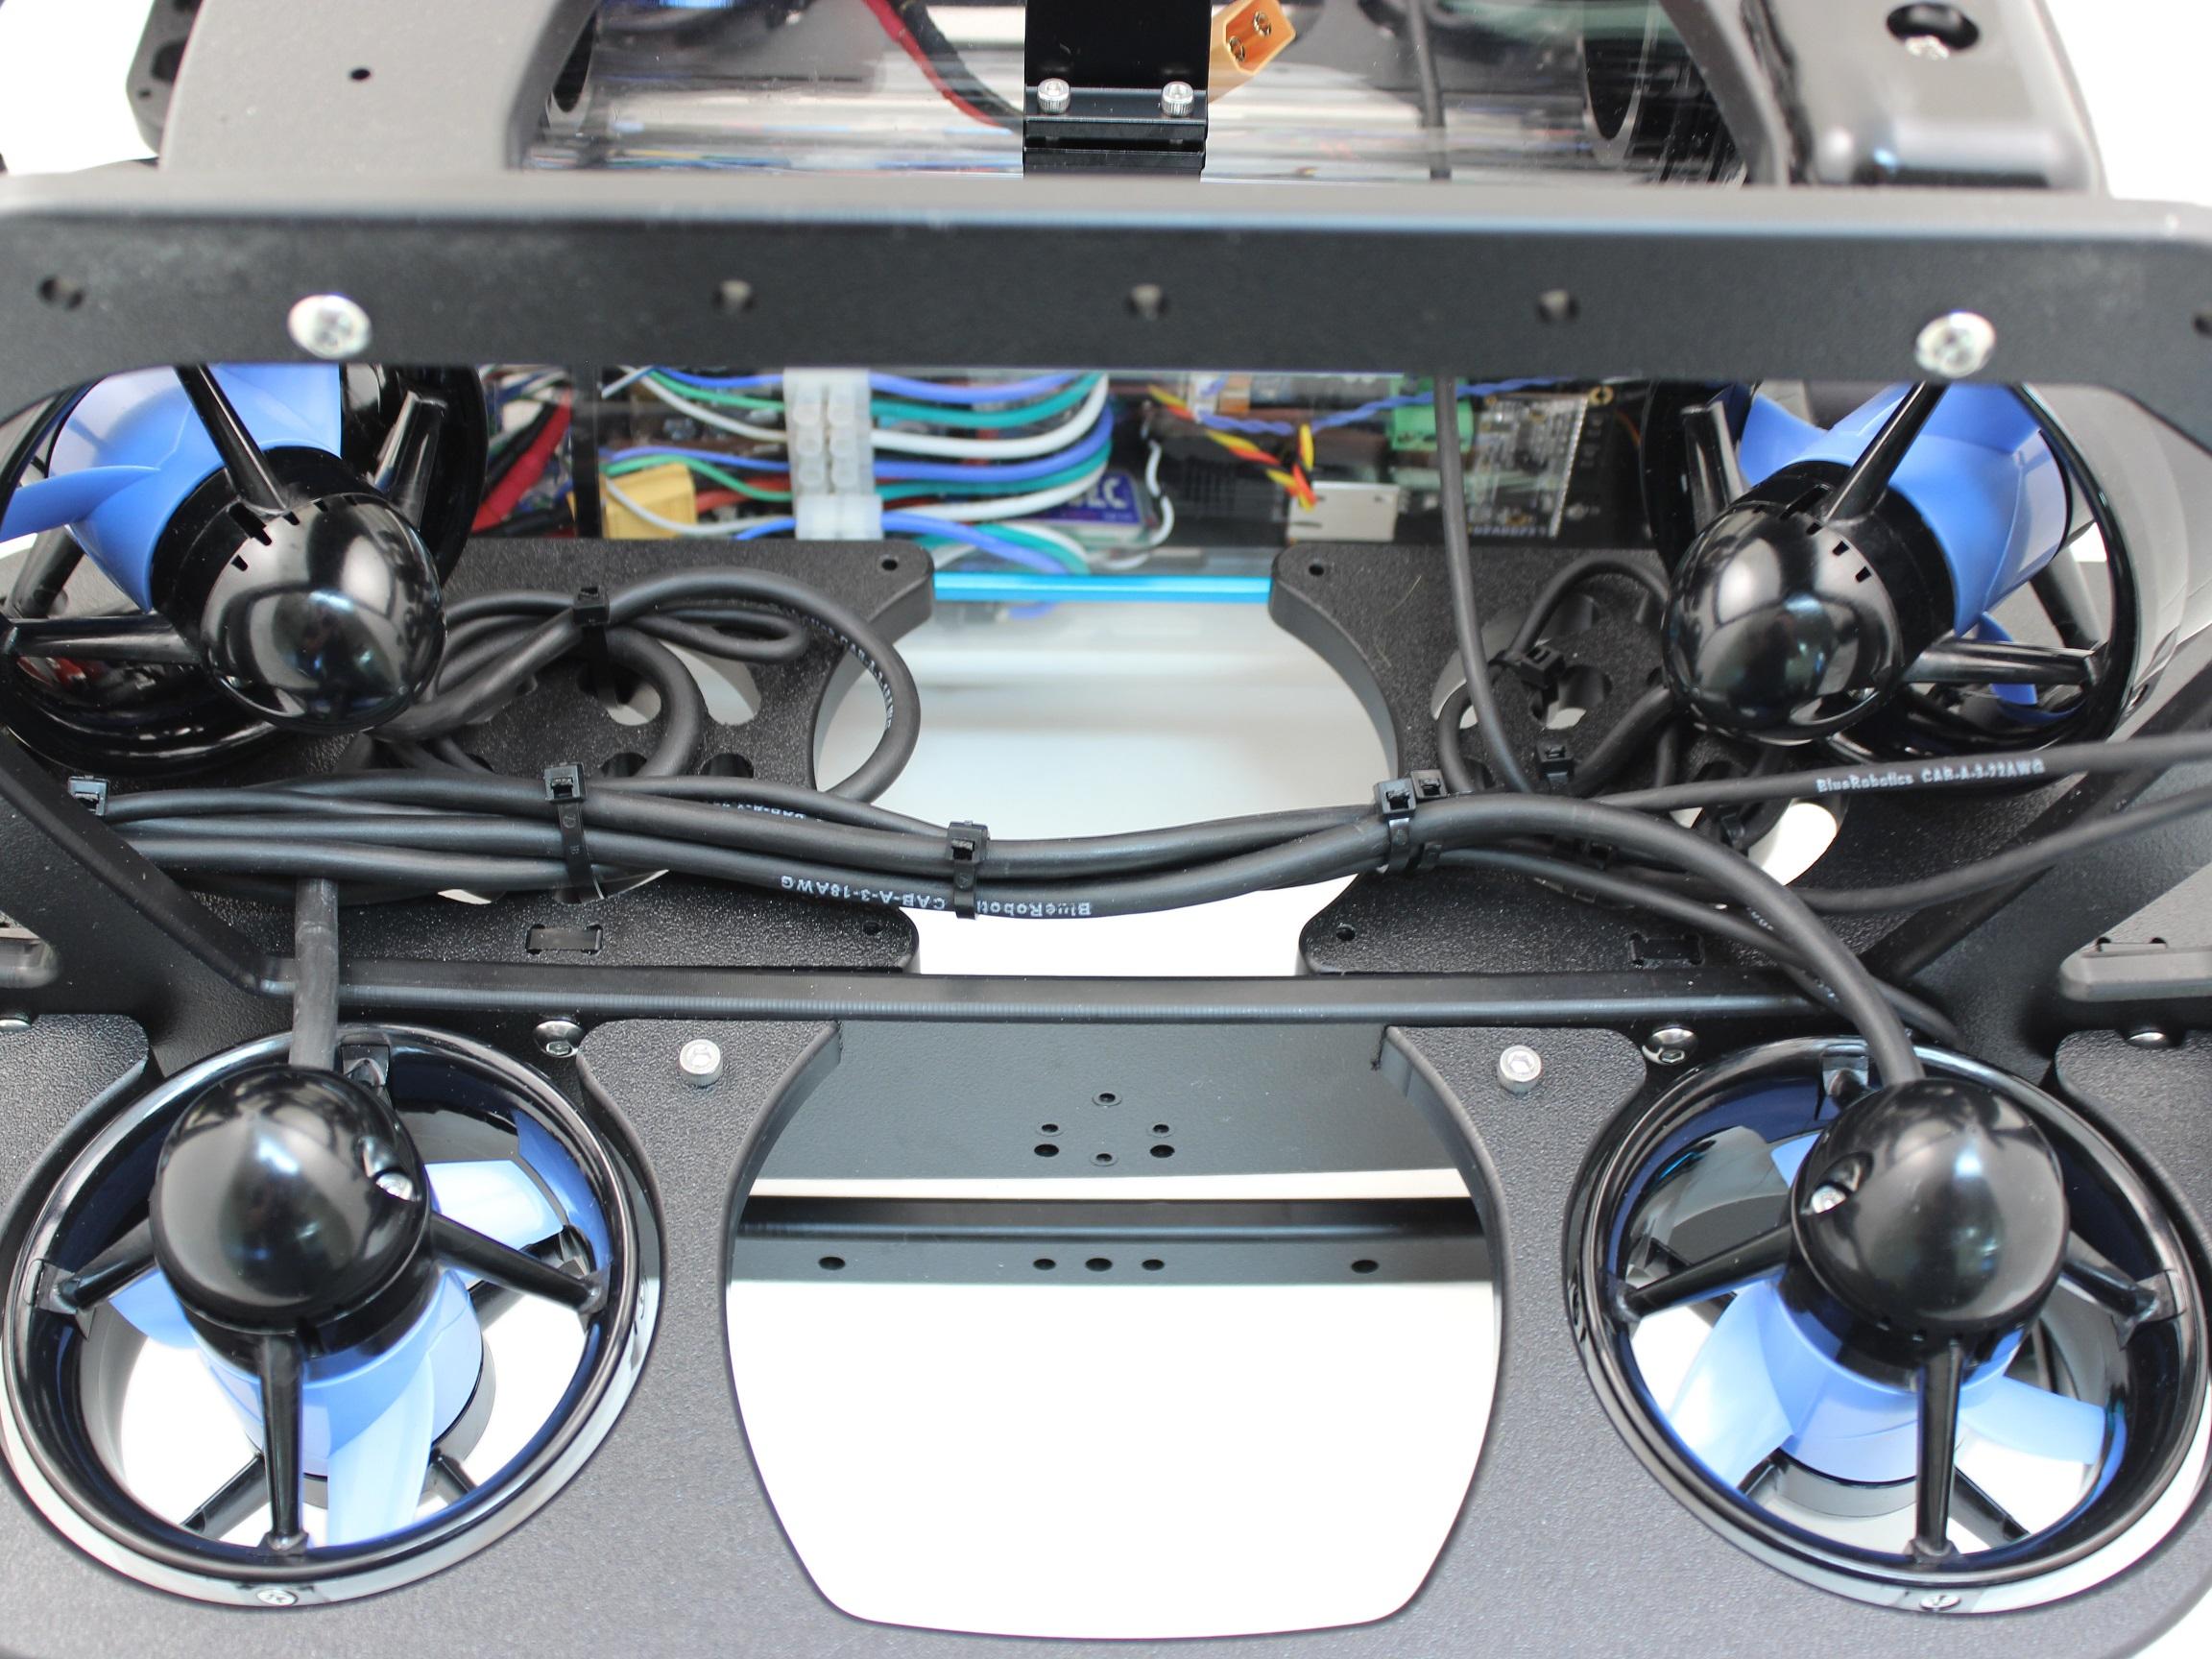 medium resolution of bluerov2 heavy configuration retrofit kit installation